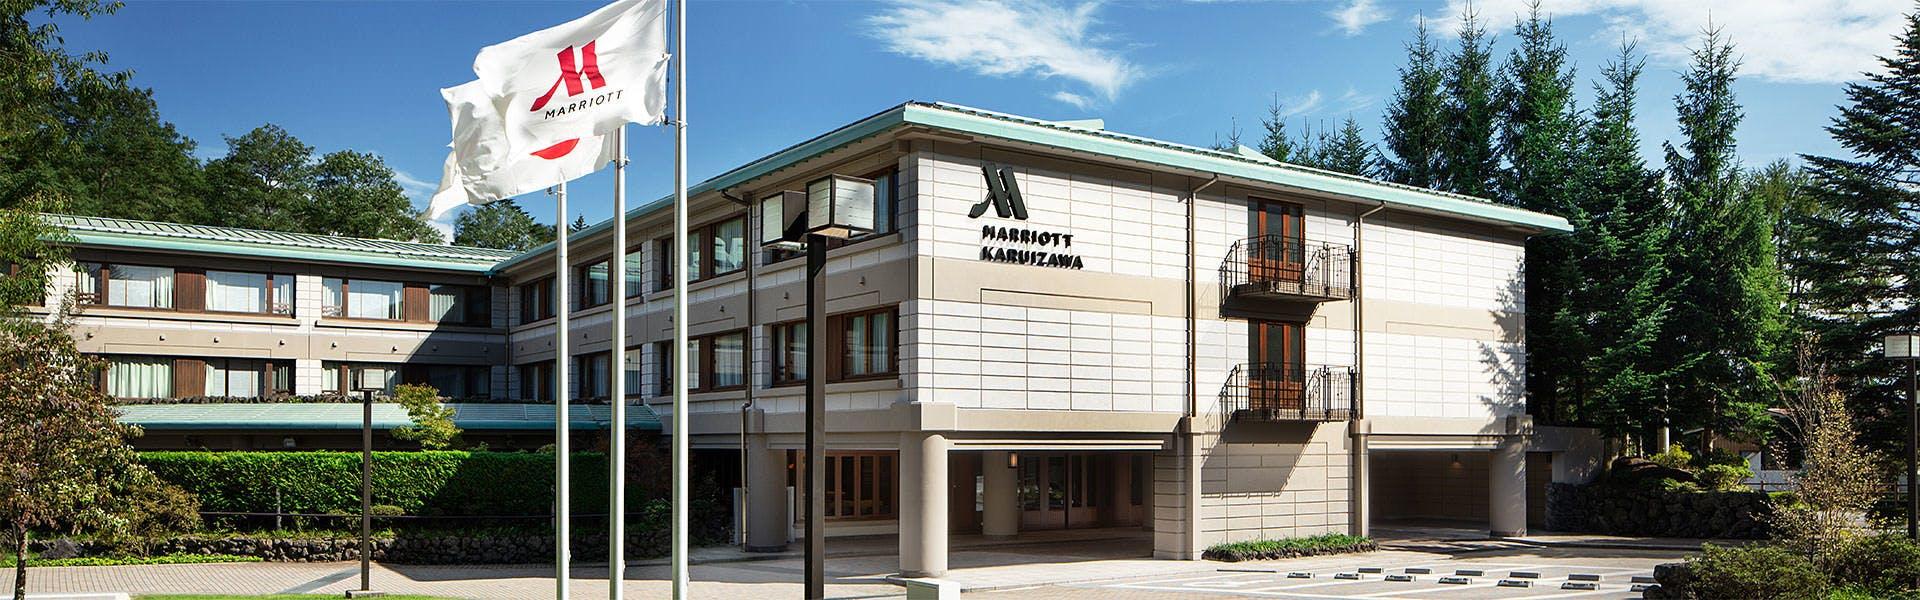 軽井沢マリオットホテル 写真1